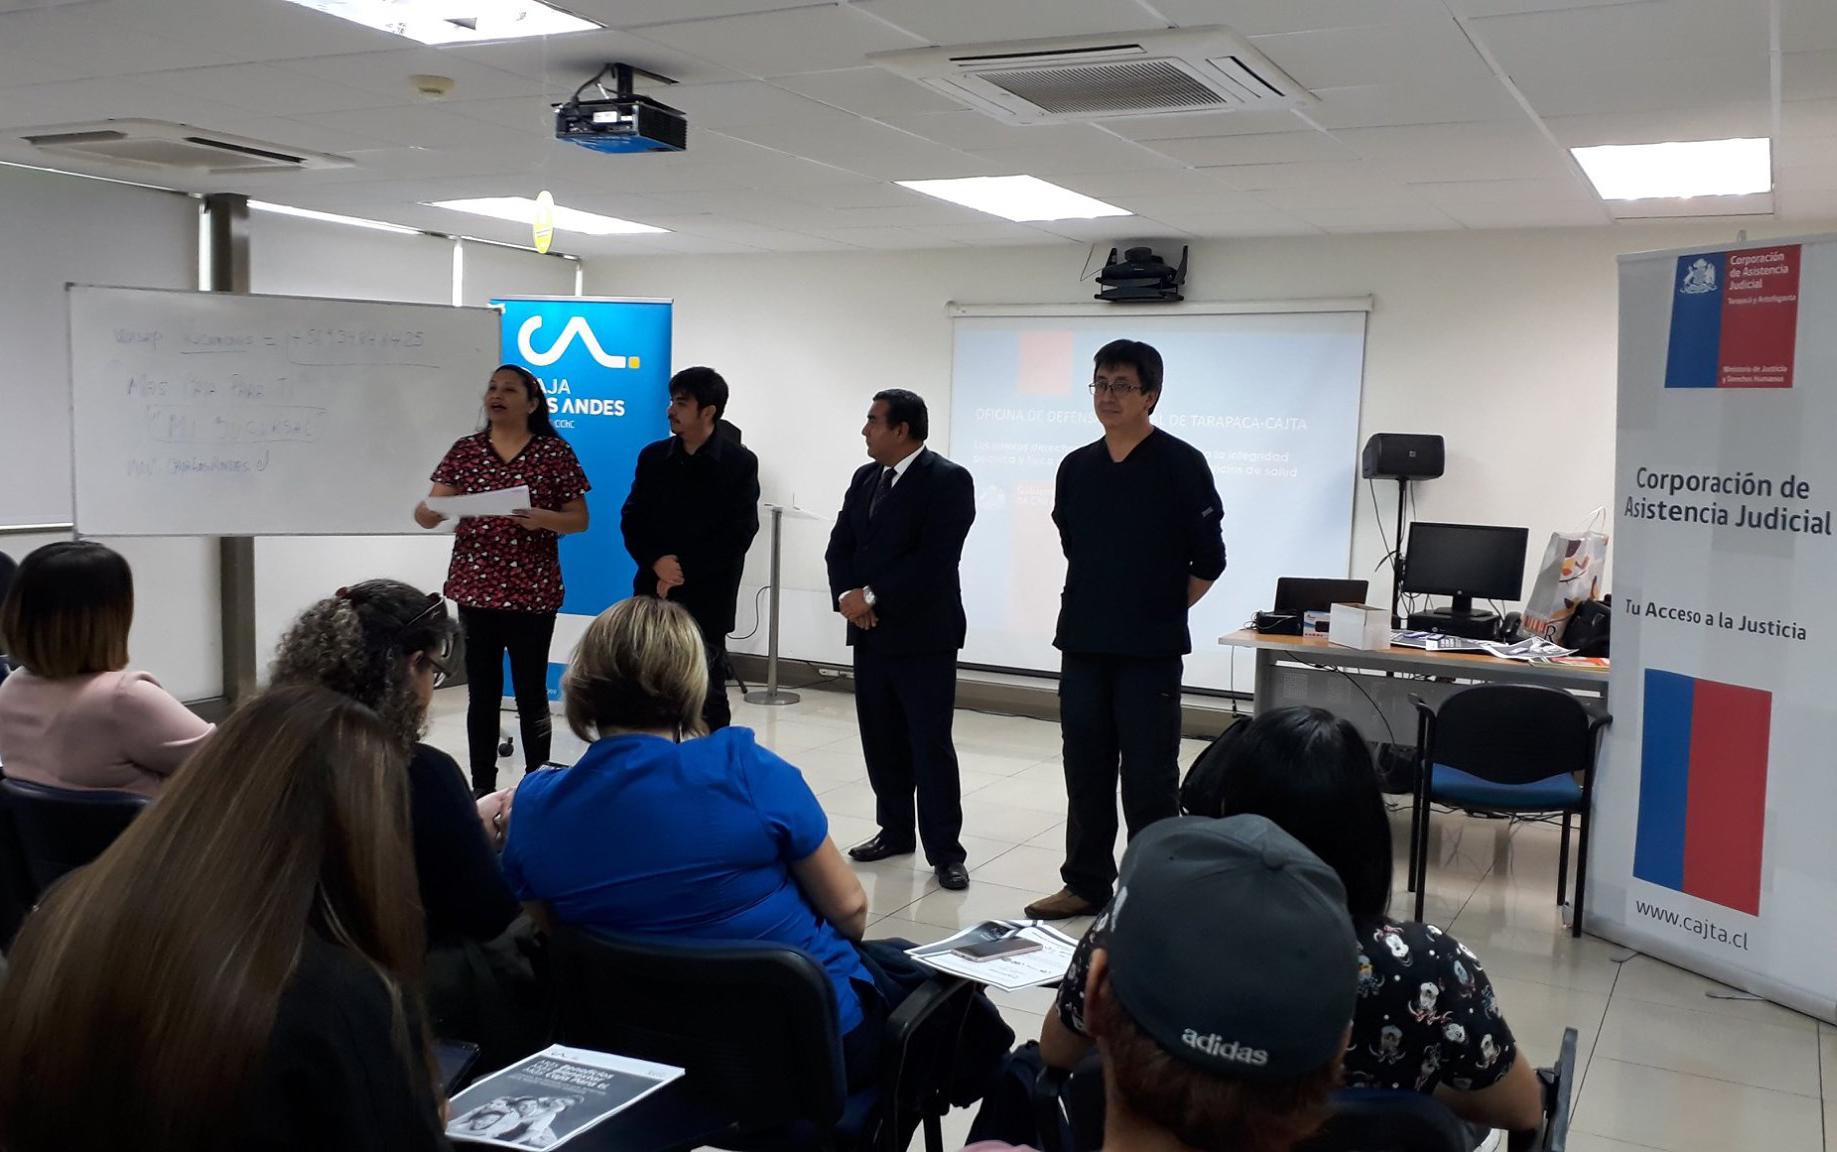 Realizan charla sobre las CAJ y Derechos Fundamentales a los trabajadores de la Salud Municipal de Tarapacá